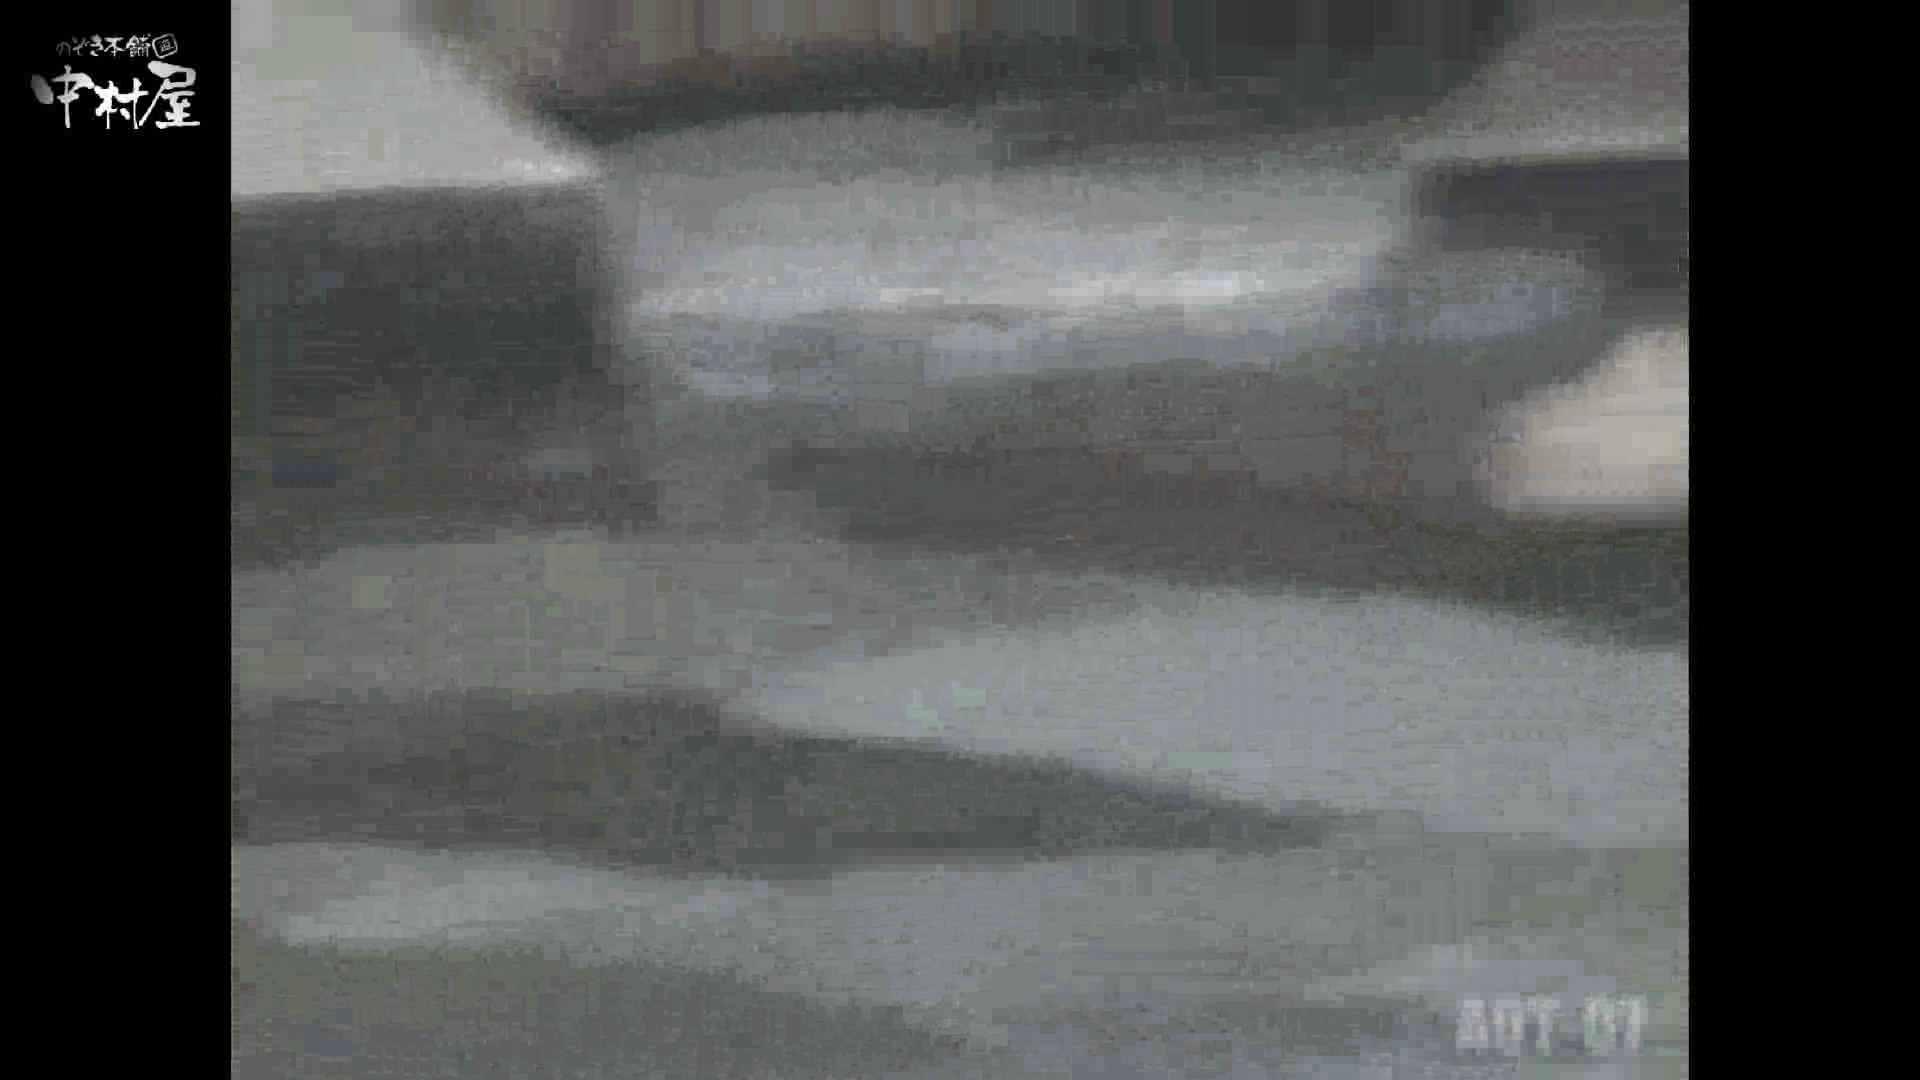 Aquaな露天風呂Vol.871潜入盗撮露天風呂七判湯 其の三 盗撮師作品 オメコ動画キャプチャ 73pic 14